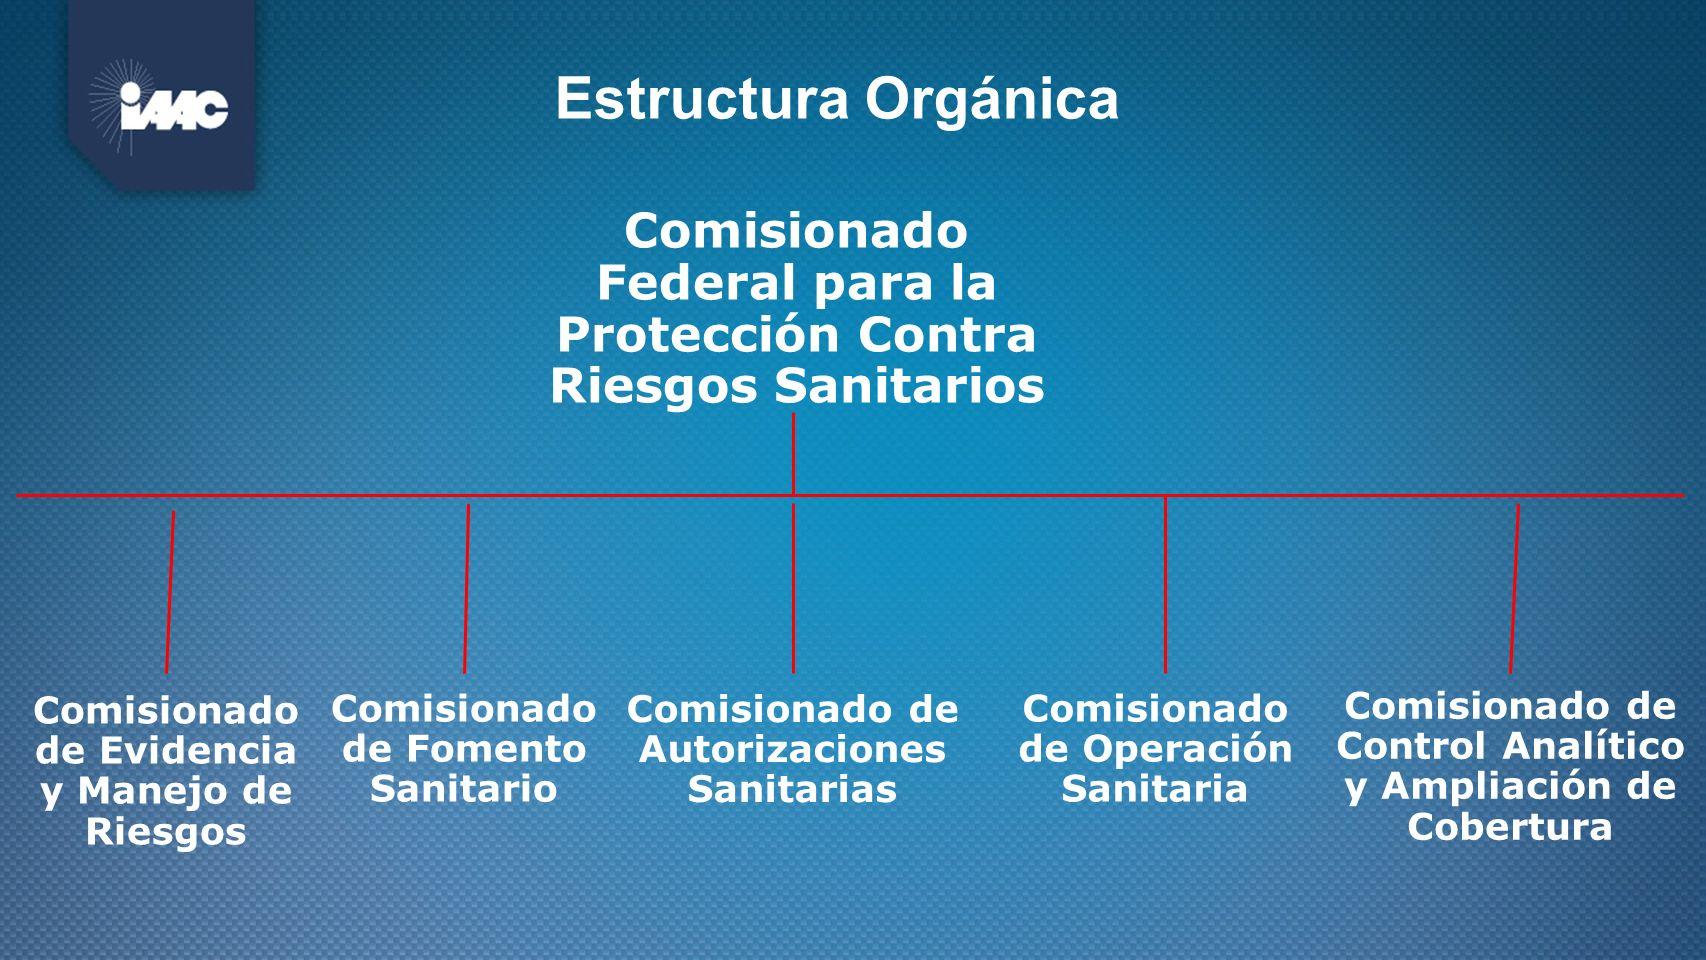 Estructura Orgánica Comisionado Federal para la Protección Contra